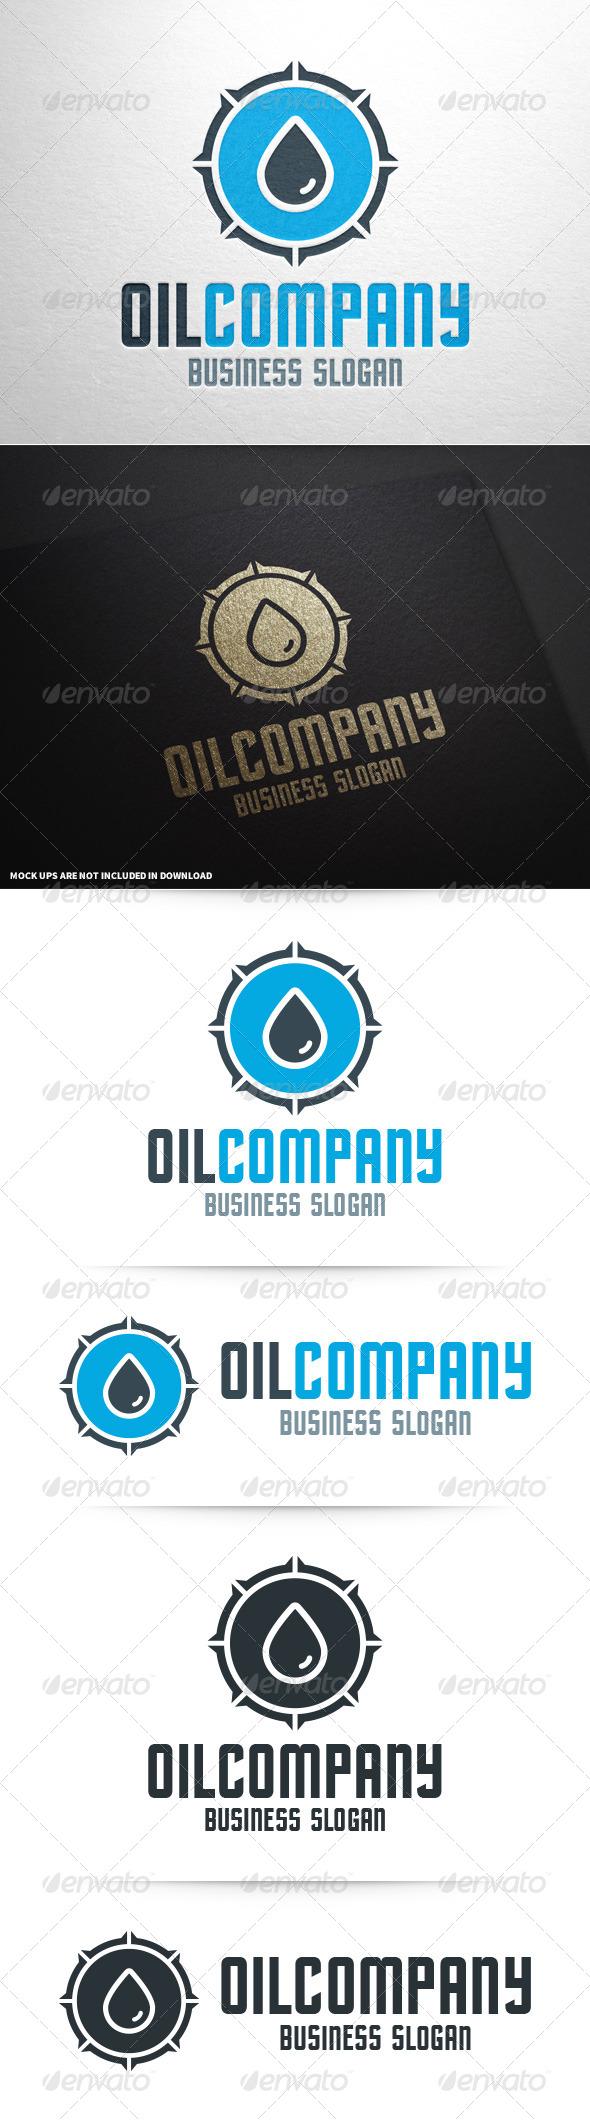 GraphicRiver Oil Company Logo Template 8604032